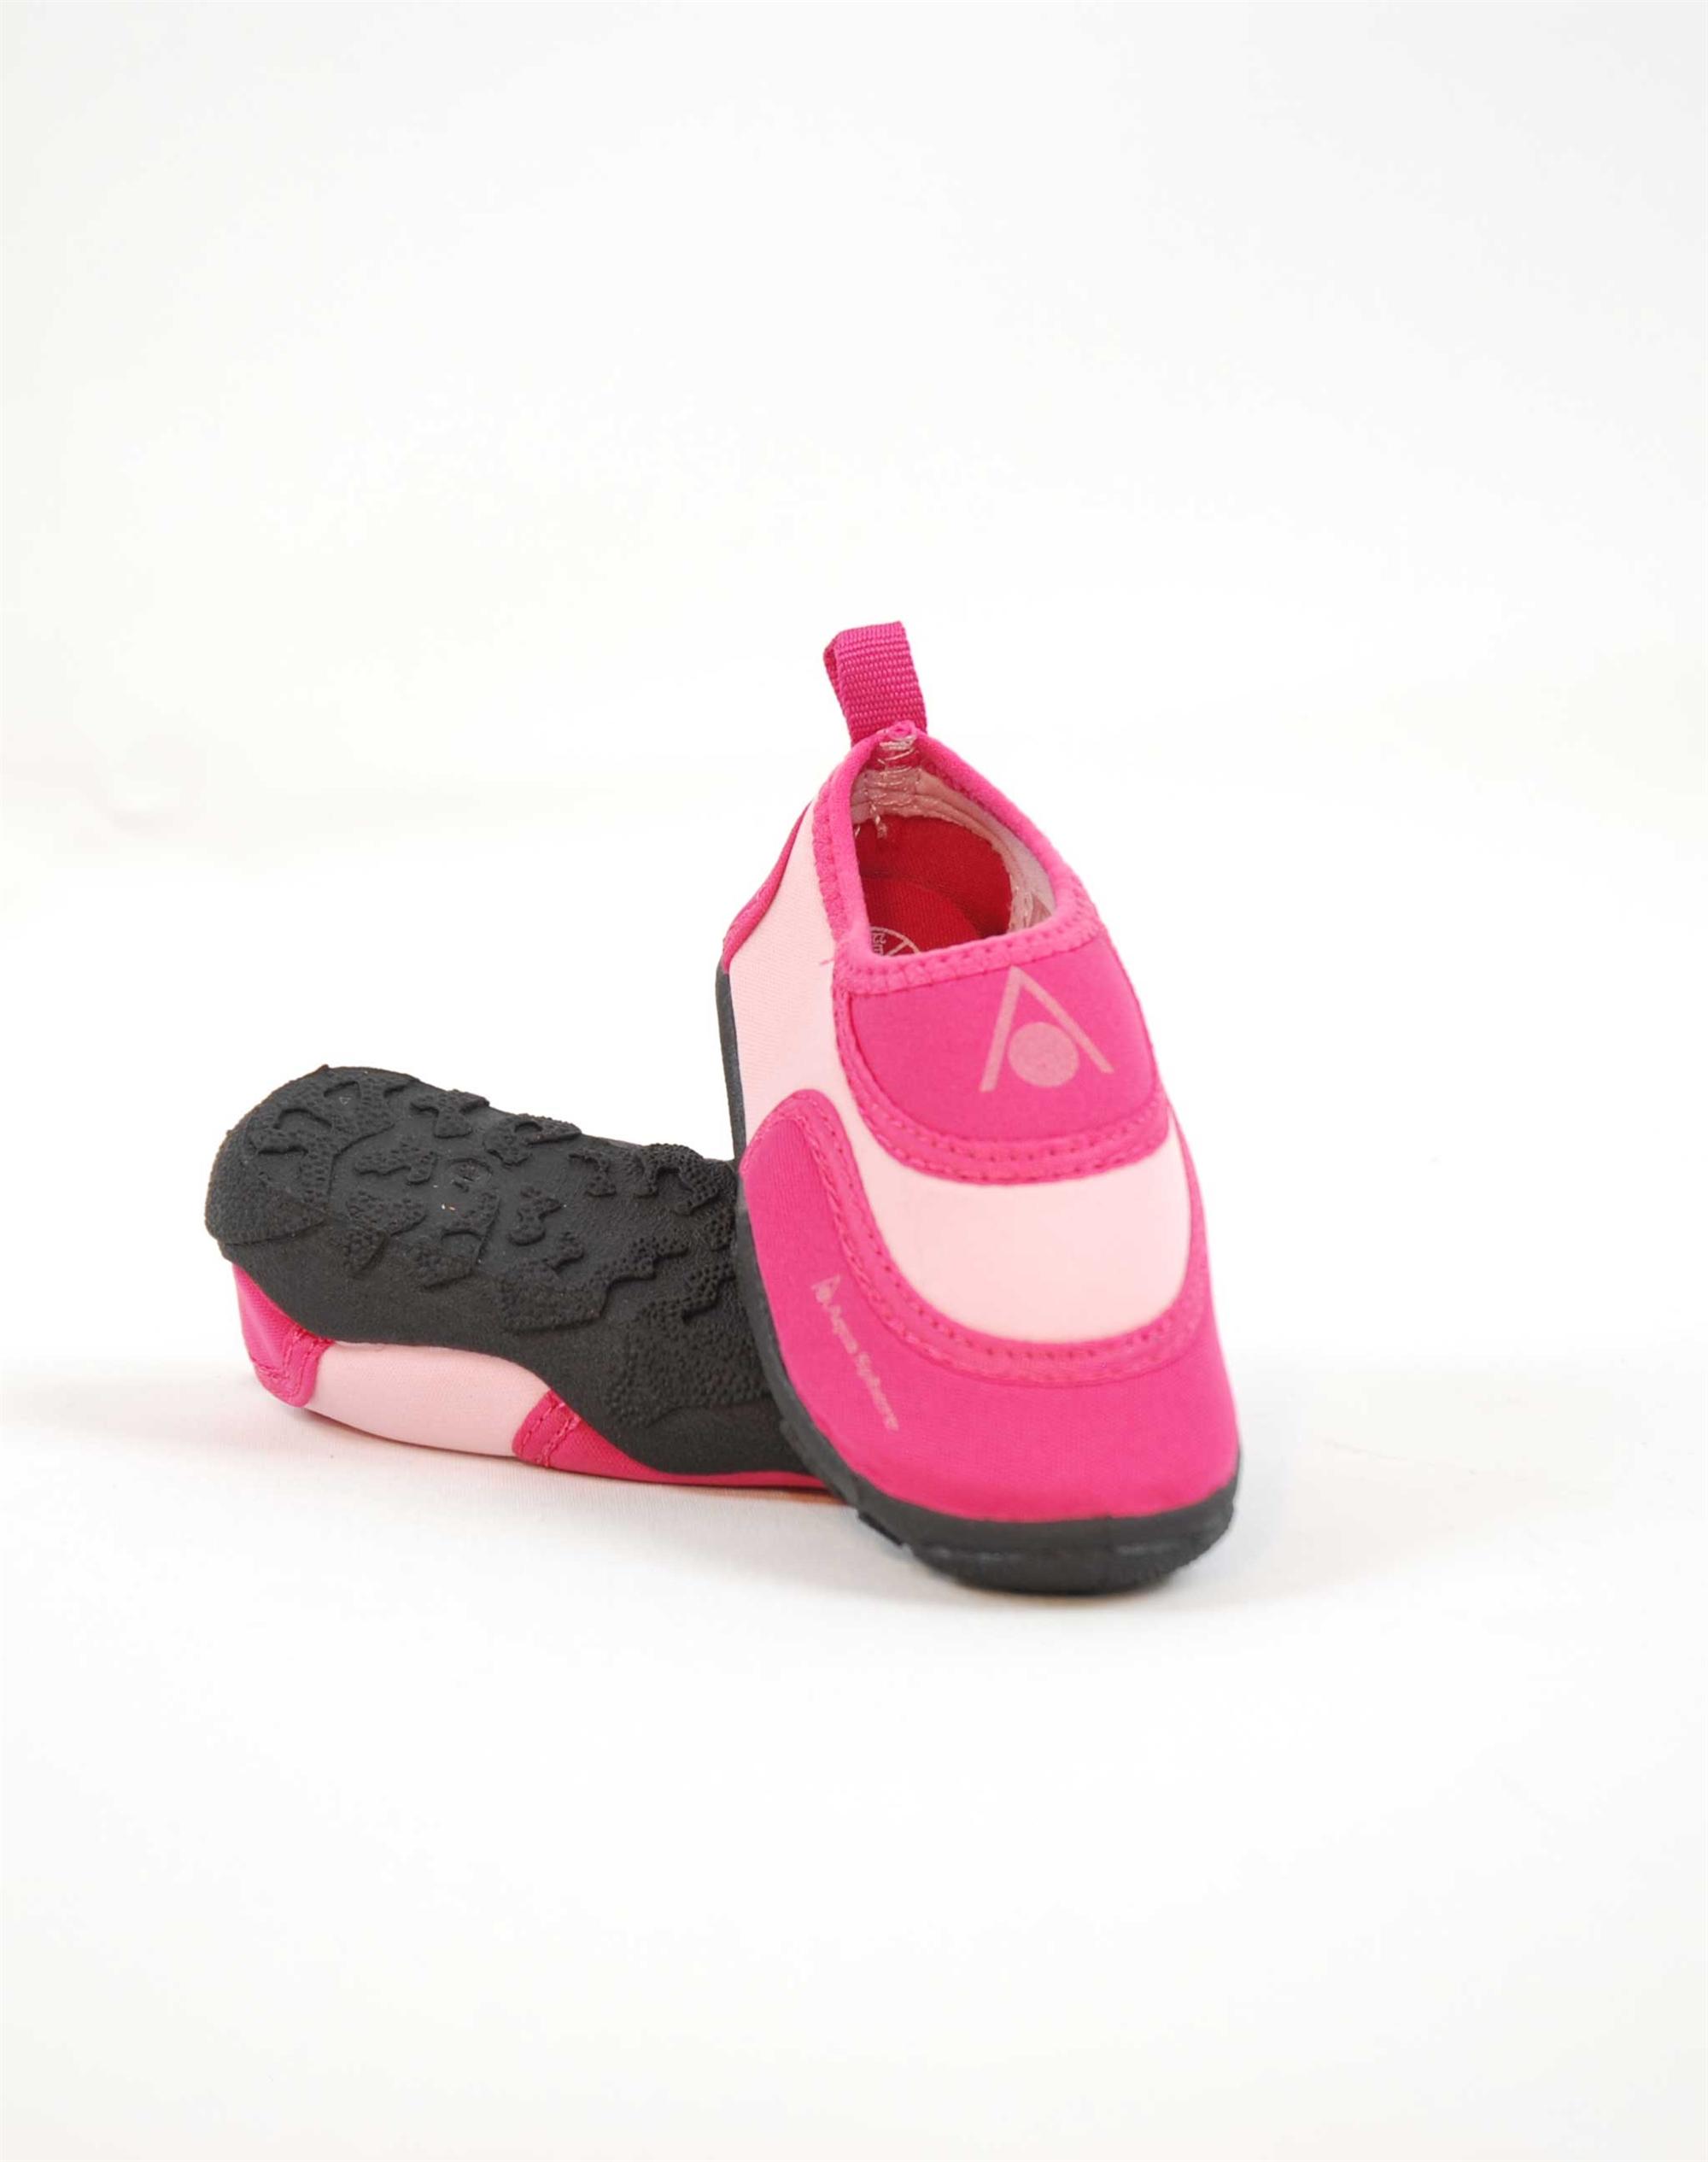 4a2fbafb50bc Køb Aqualung badesko pink til piger online